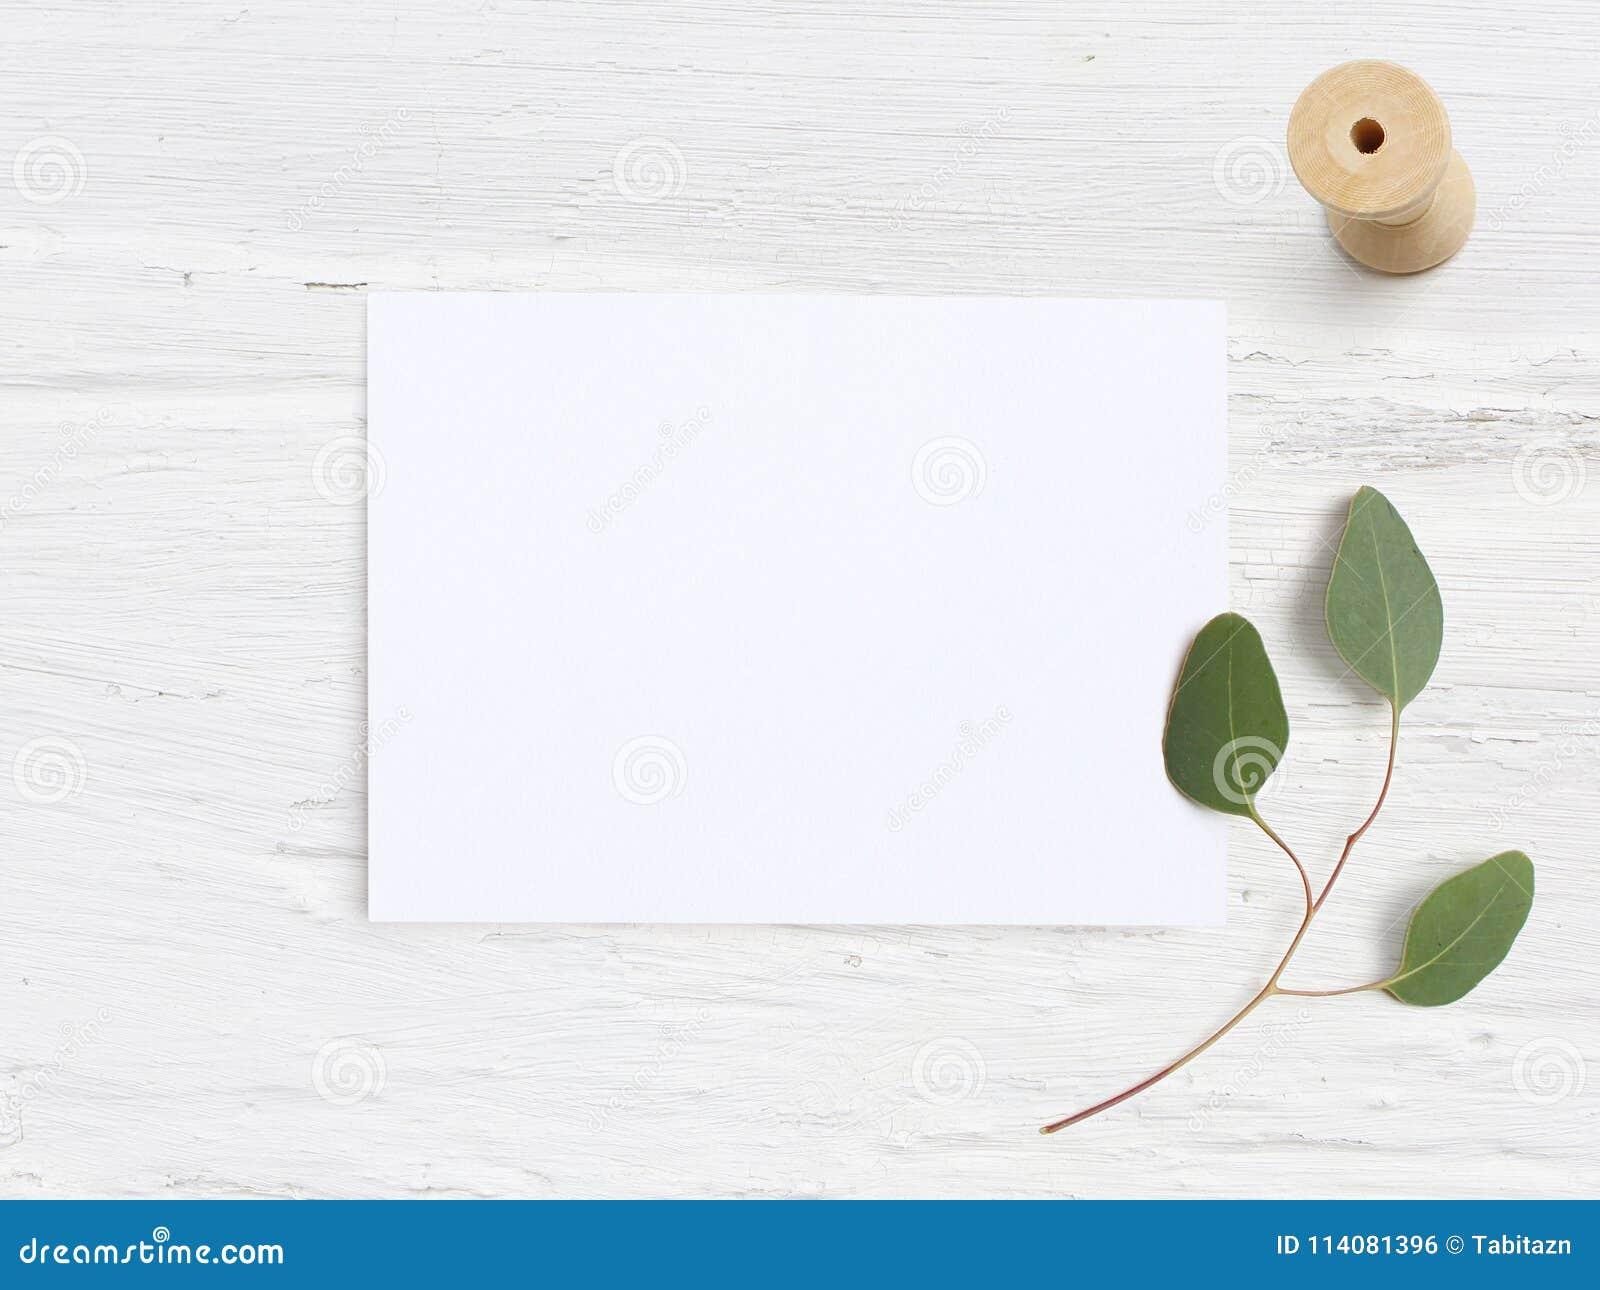 女性与白纸卡片的婚礼桌面大模型,木短管轴和玉树杨属在白色破旧的桌上分支